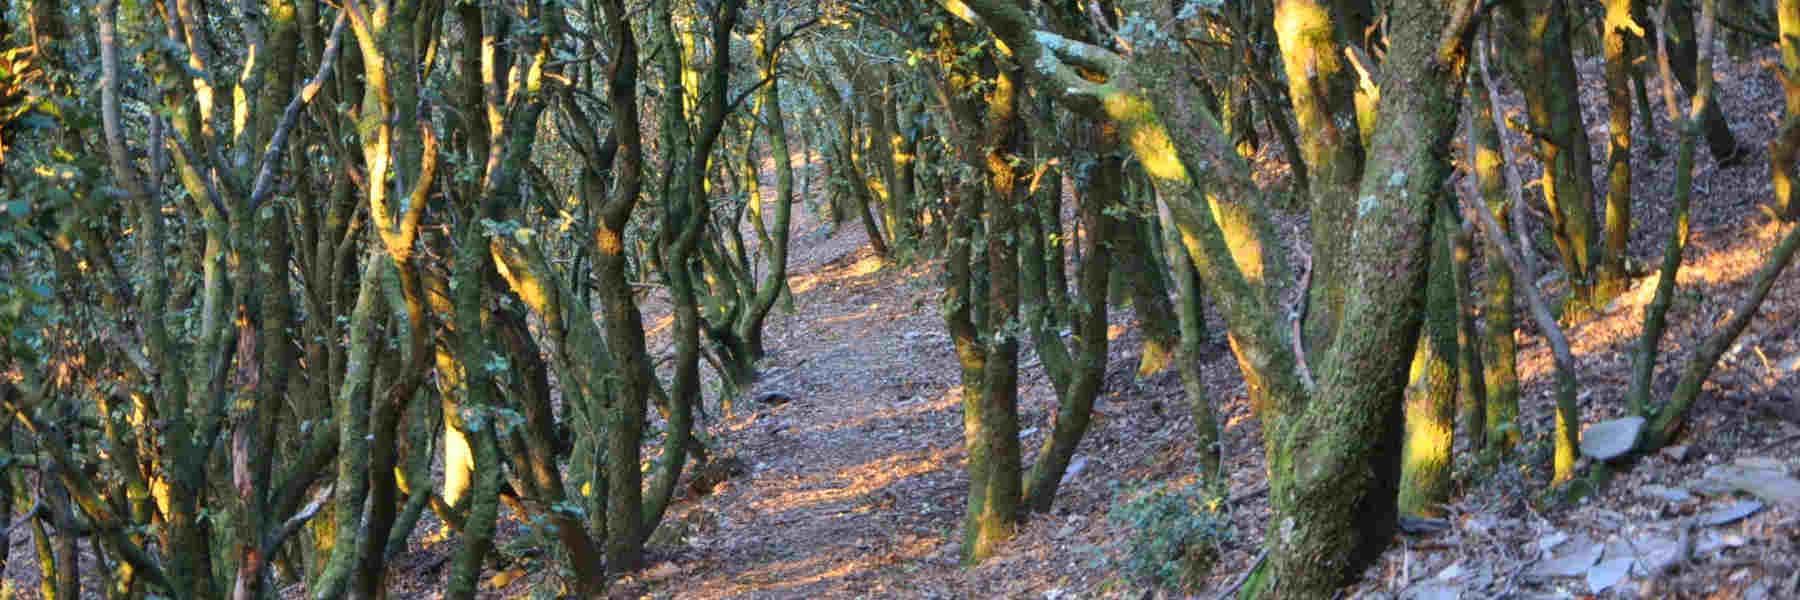 La randonnée pédestre de Roquefère